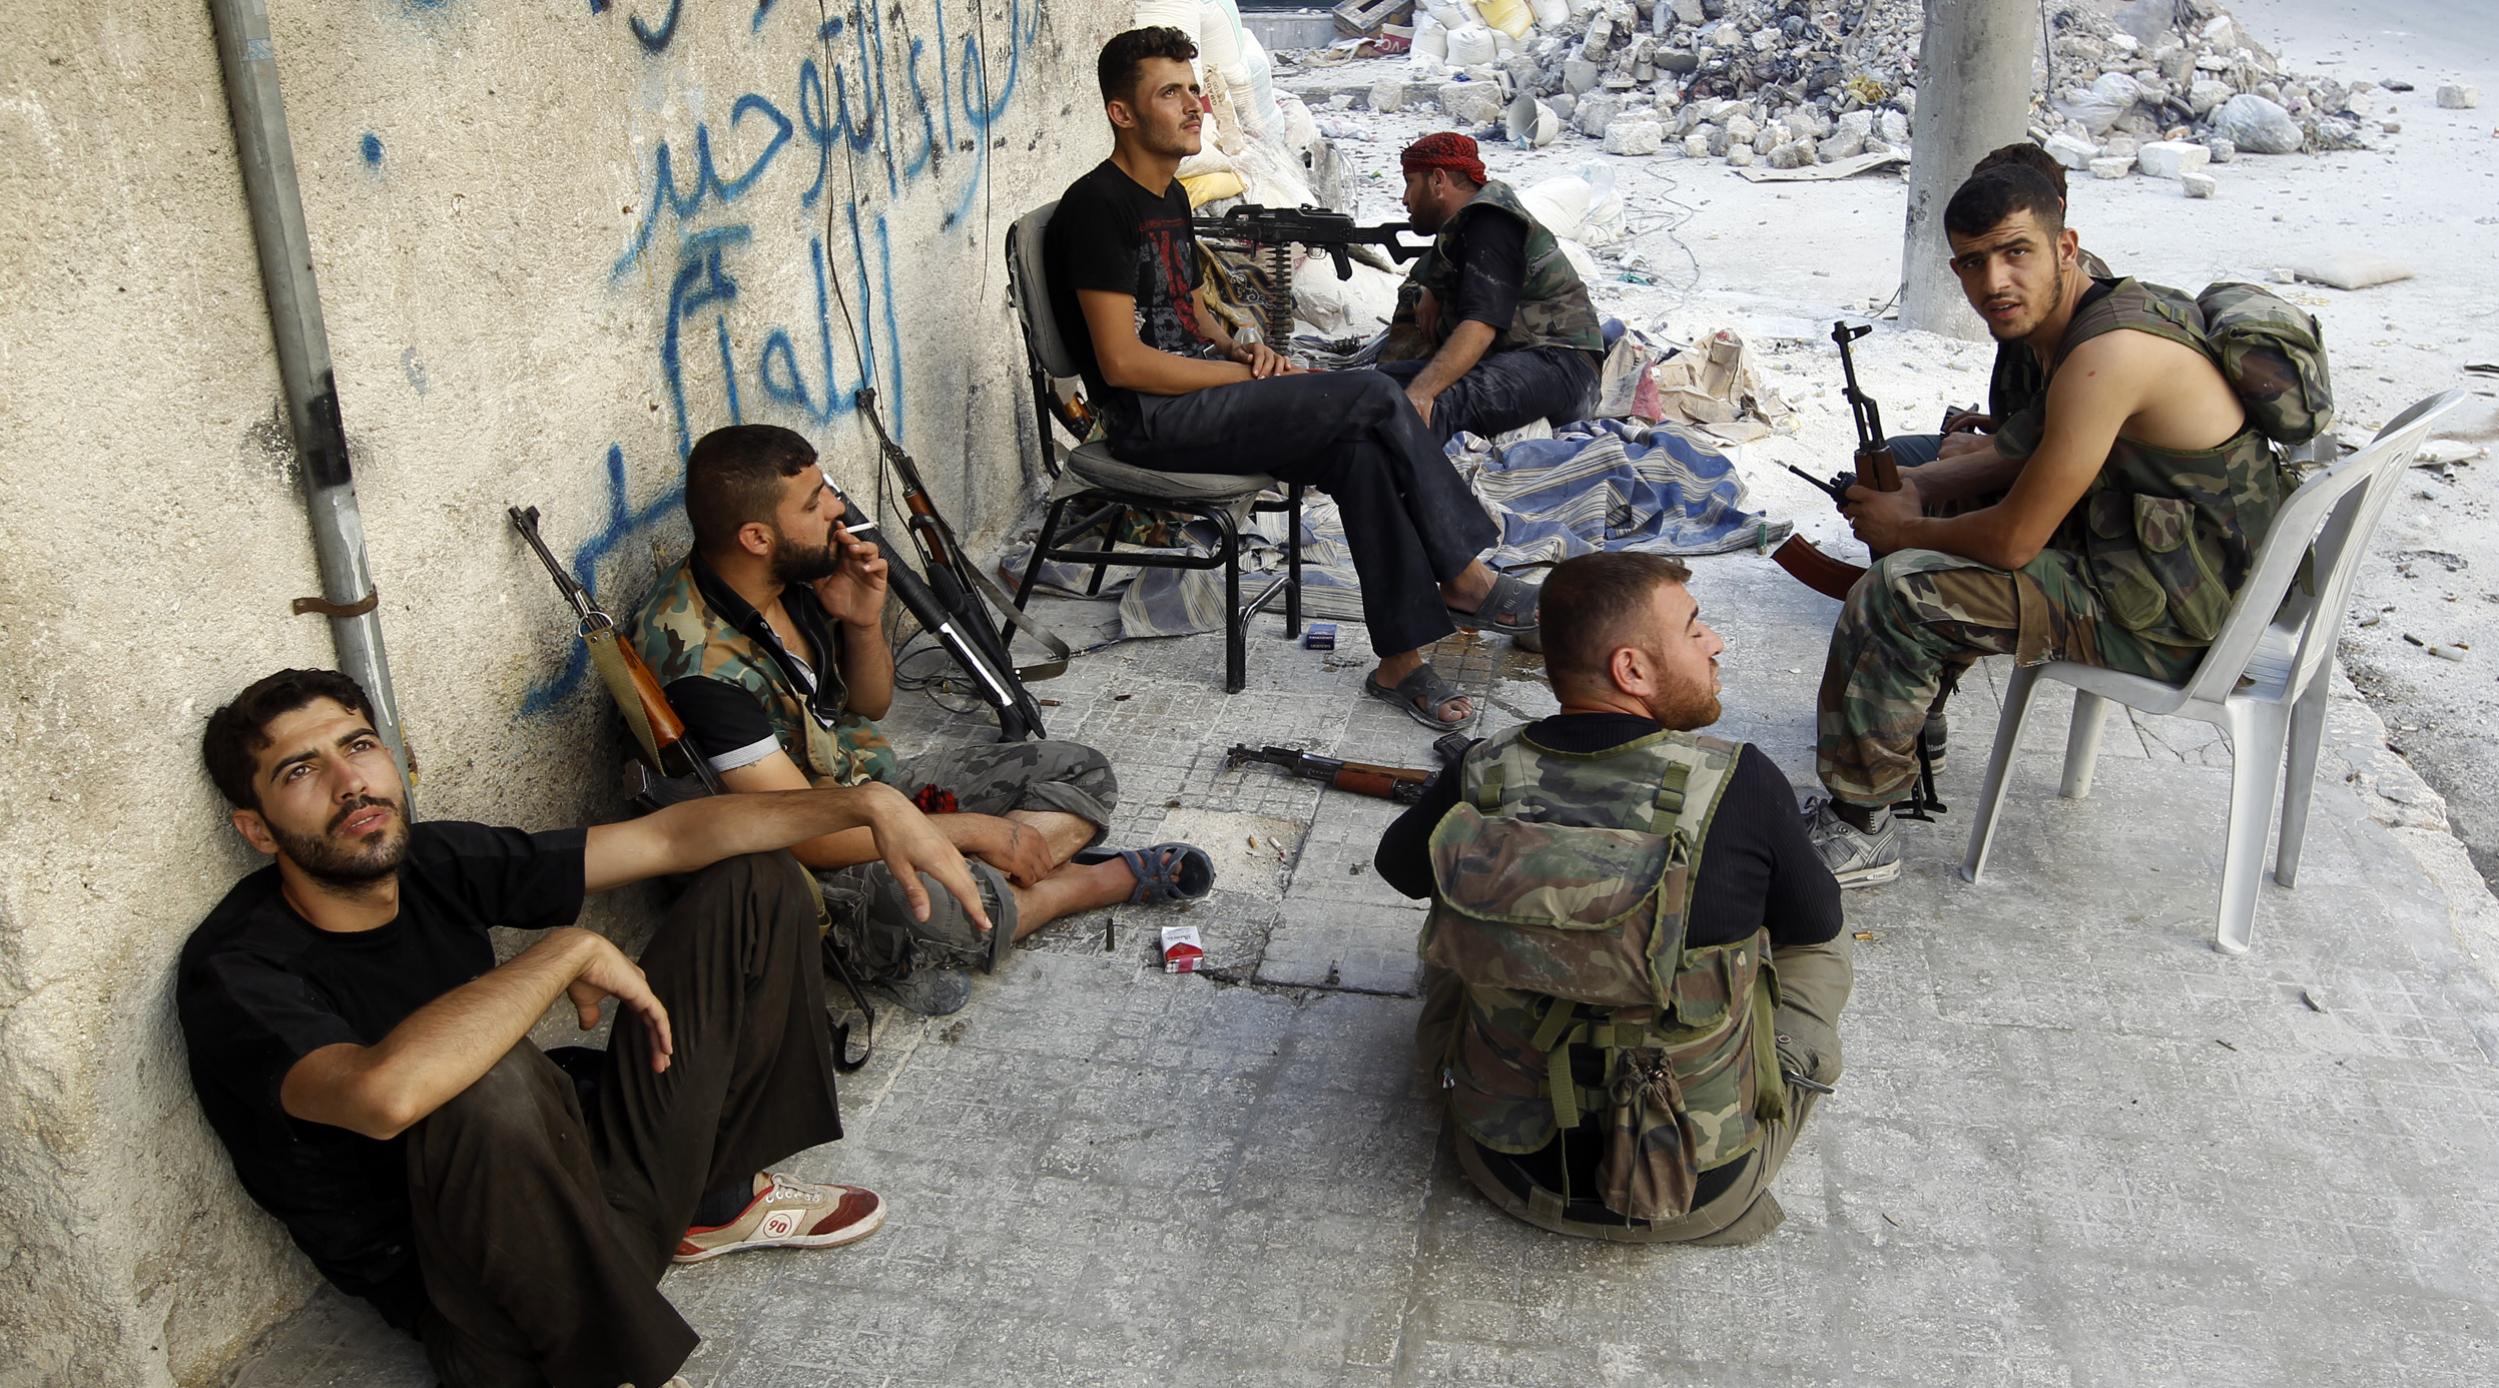 СМИ: боевики в восточном Алеппо начали переговоры о капитуляции